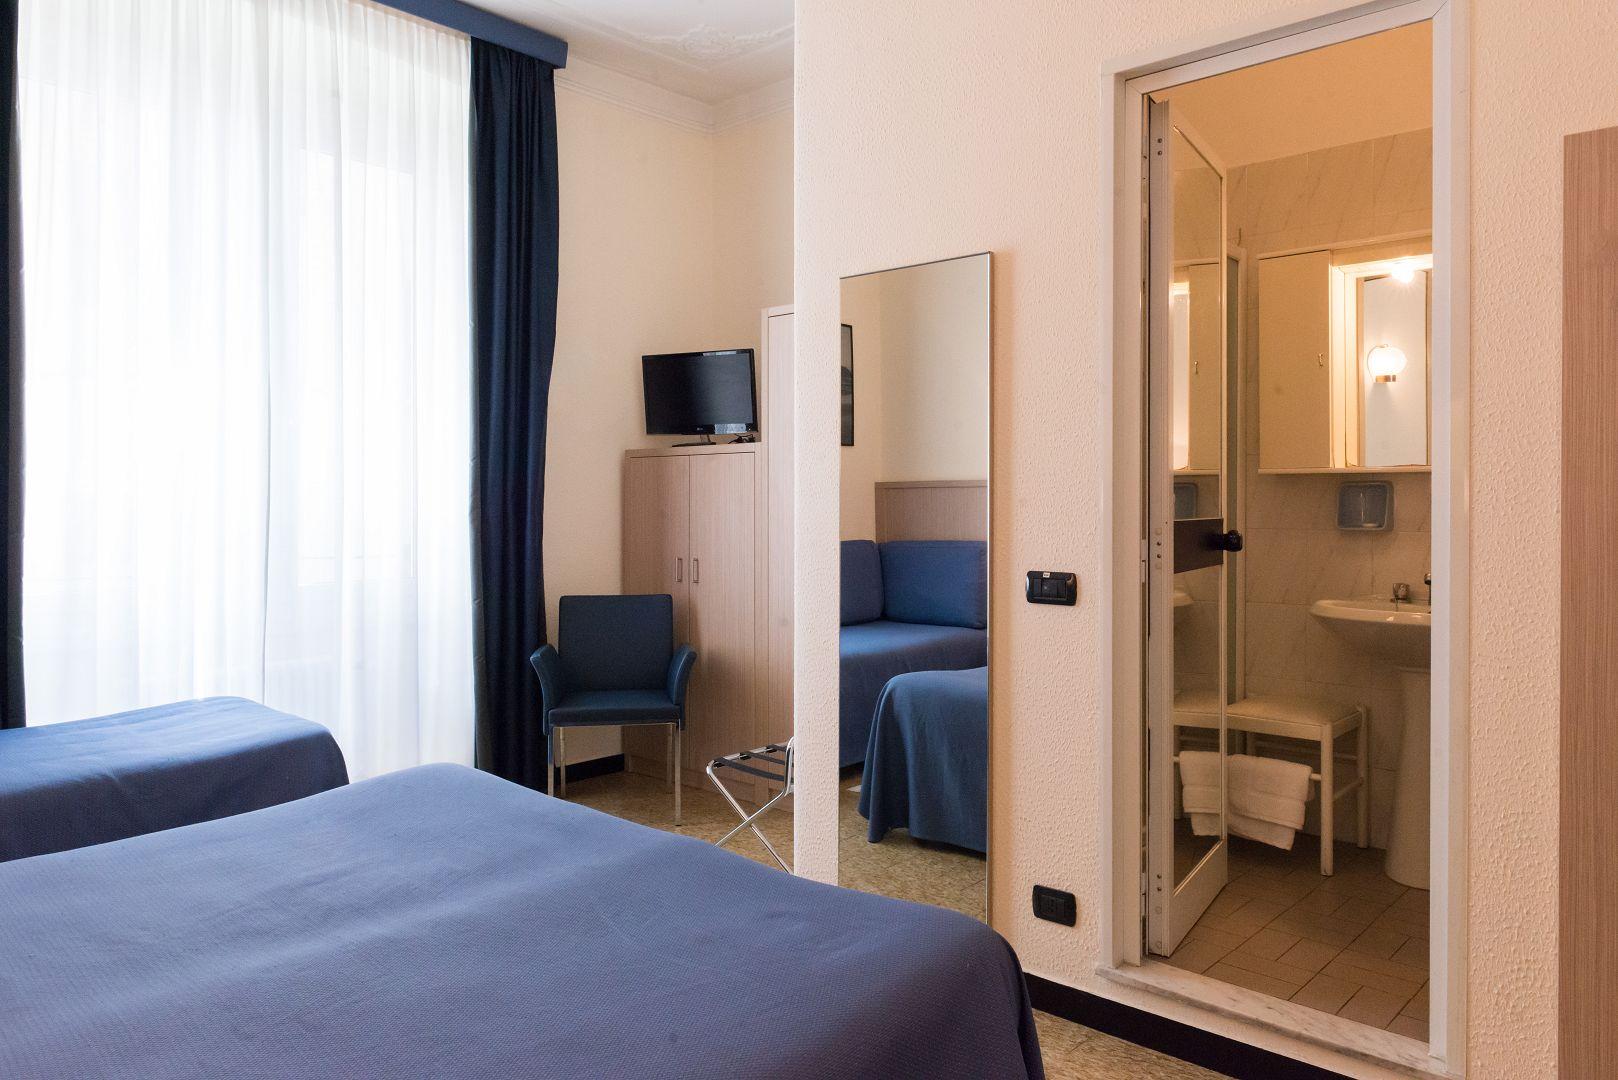 Hotel Stella letto matrimoniale e di un letto singolo | bagno con ...